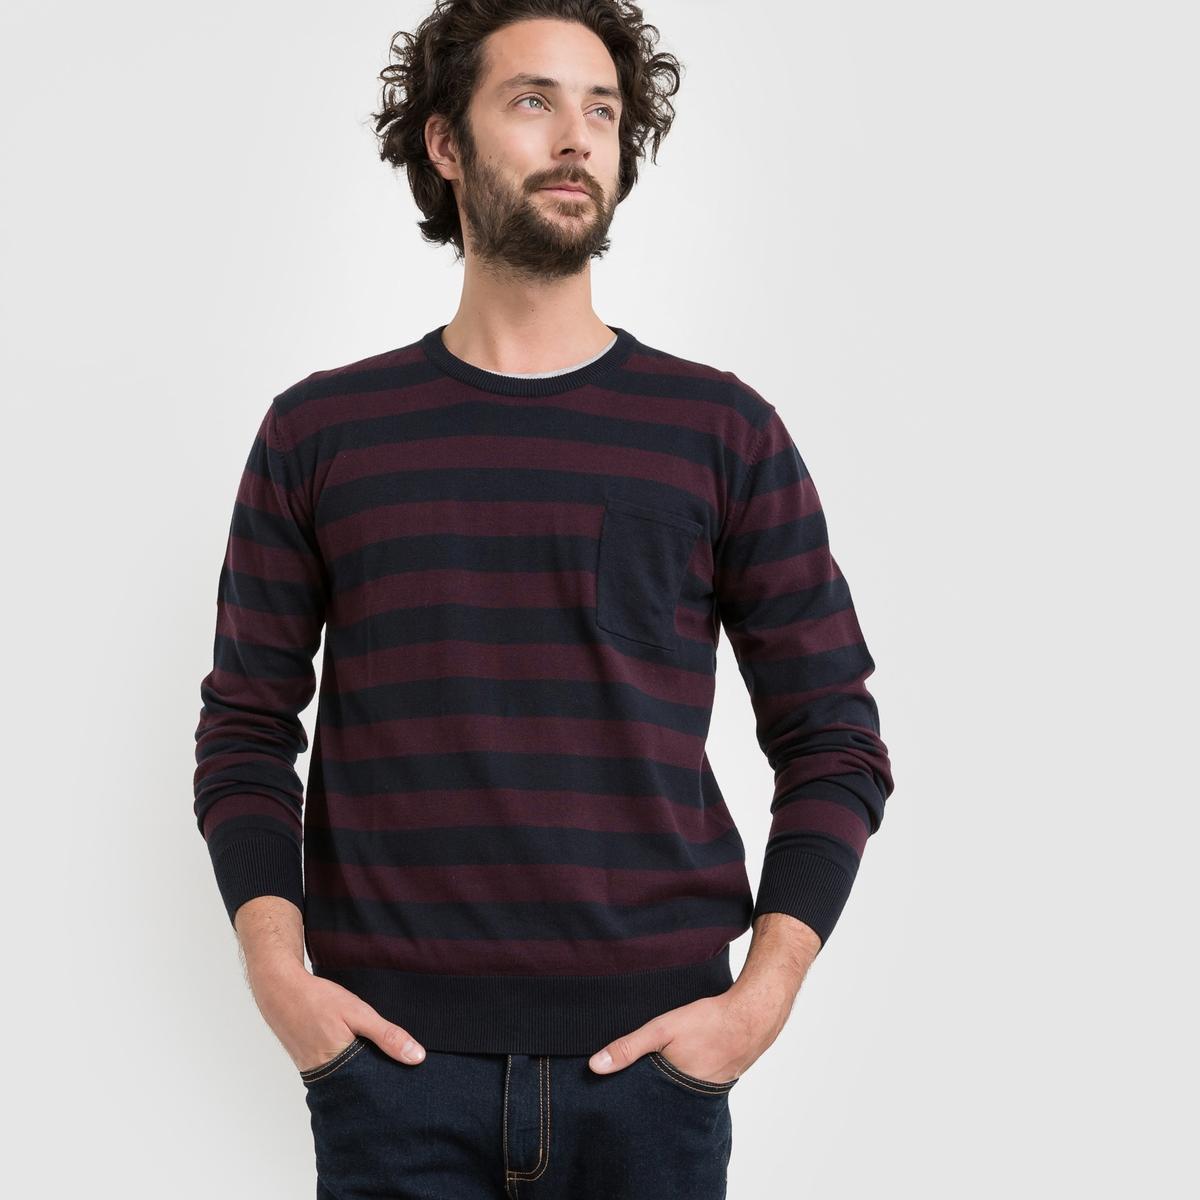 Пуловер с круглым вырезом в полоскуСостав и описание Материал : 80% хлопка, 20% полиамида.                                                              Длина : 67 см            Марка : R edition.<br><br>Цвет: в полоску темно-синий/бордовый<br>Размер: S.XXL